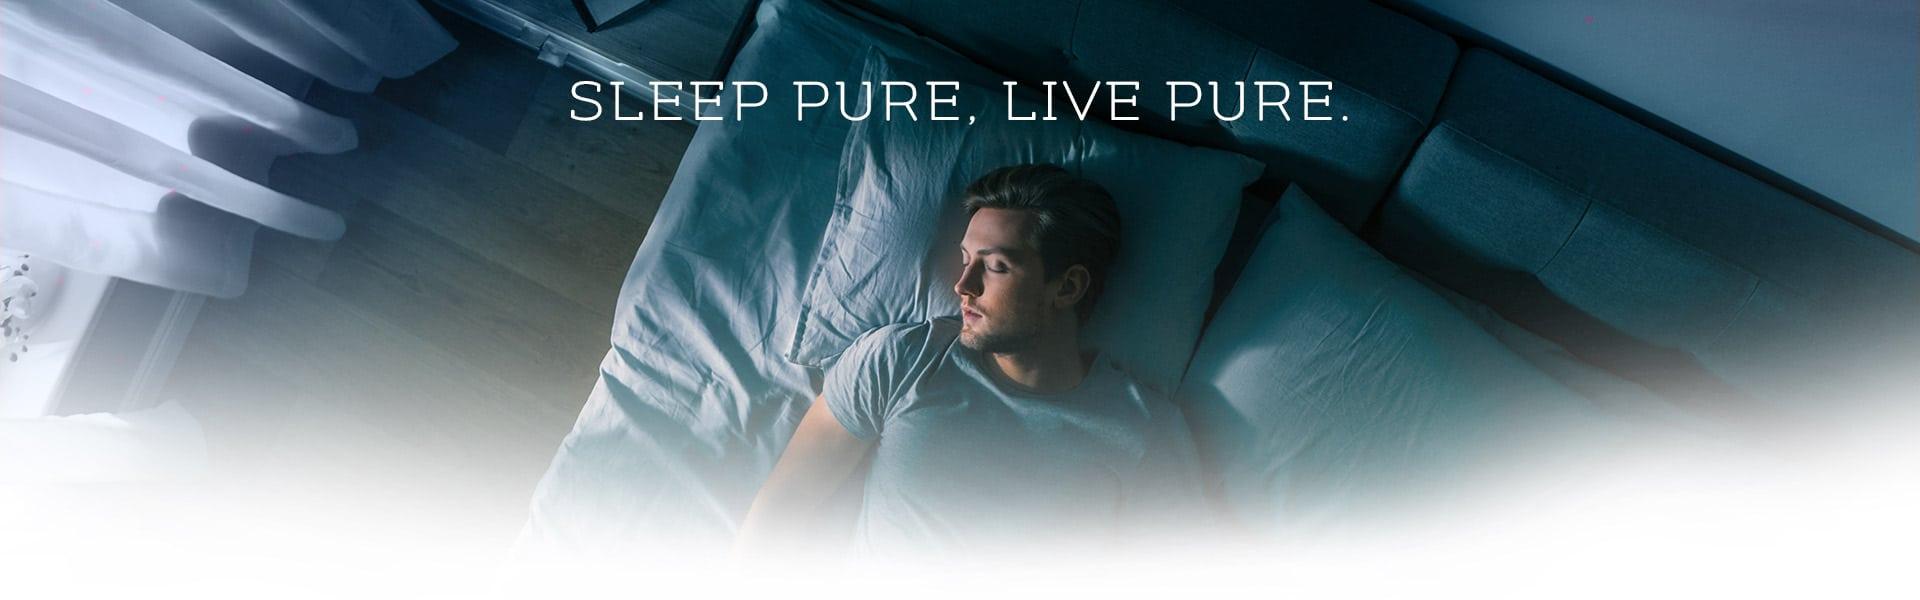 Sleep Pure Live Pure